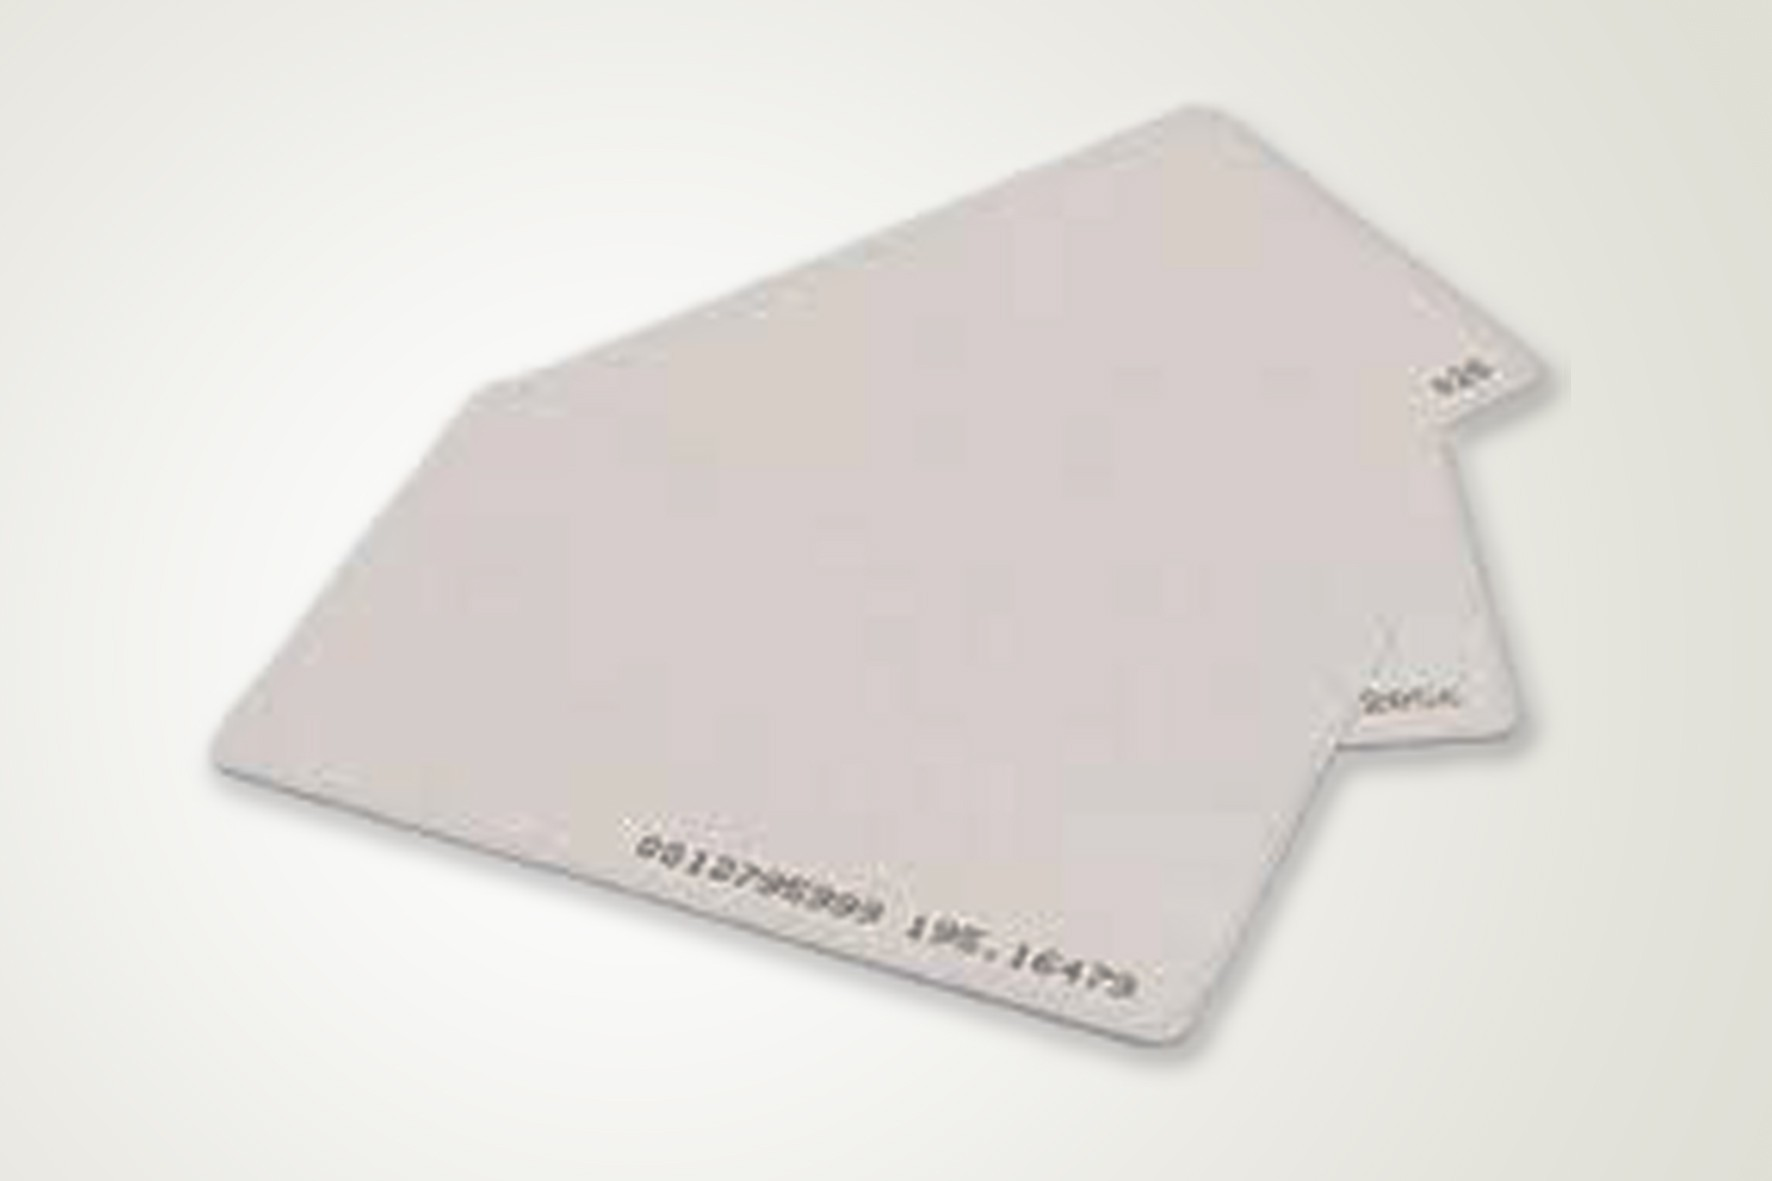 Cartões com Chip de Proximidade no Capelinha - Cardápio de Plástico